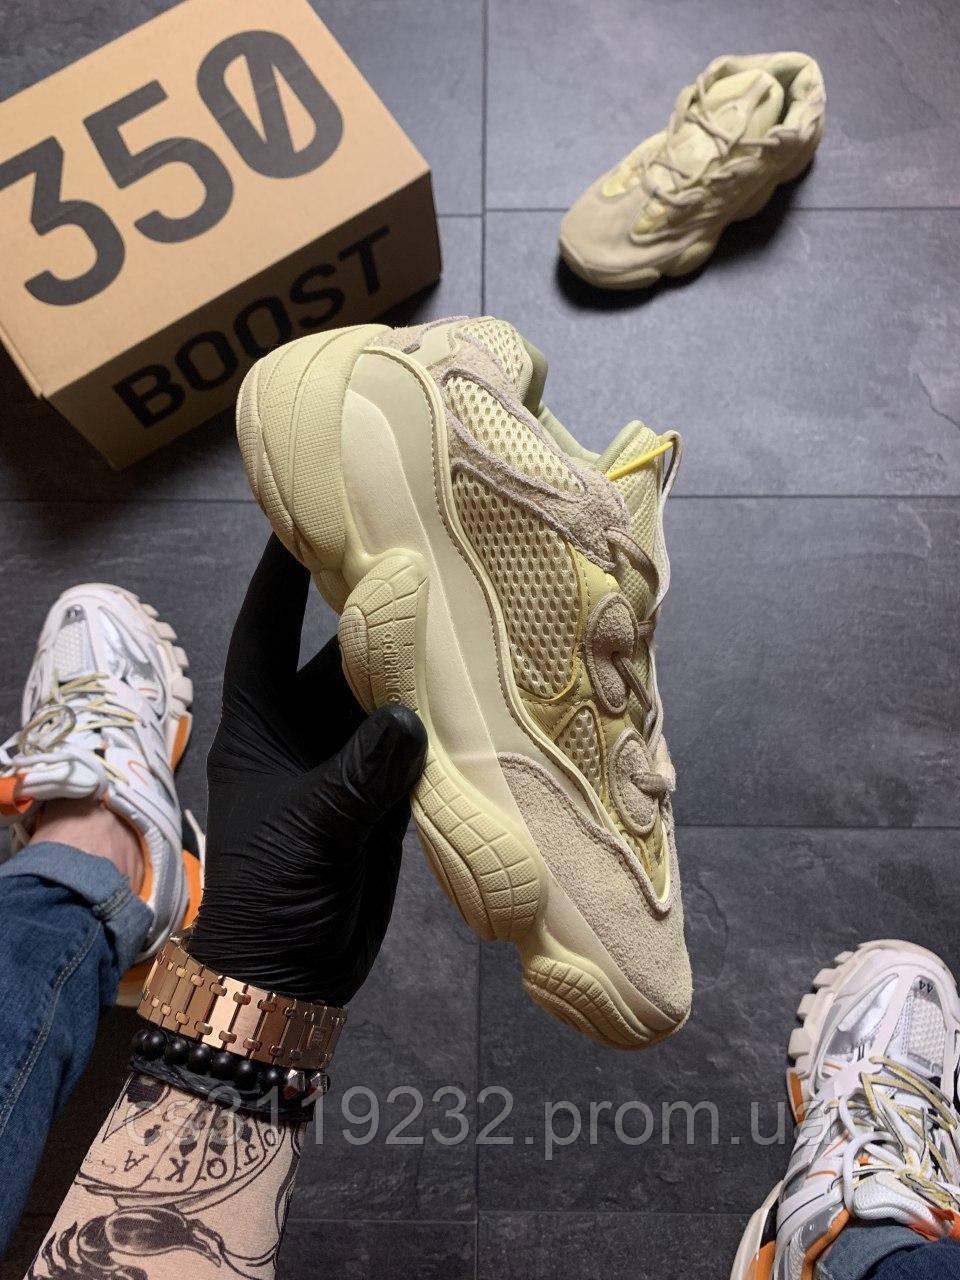 Чоловічі кросівки Adidas Yeezy 500 Super Moon (кремові)